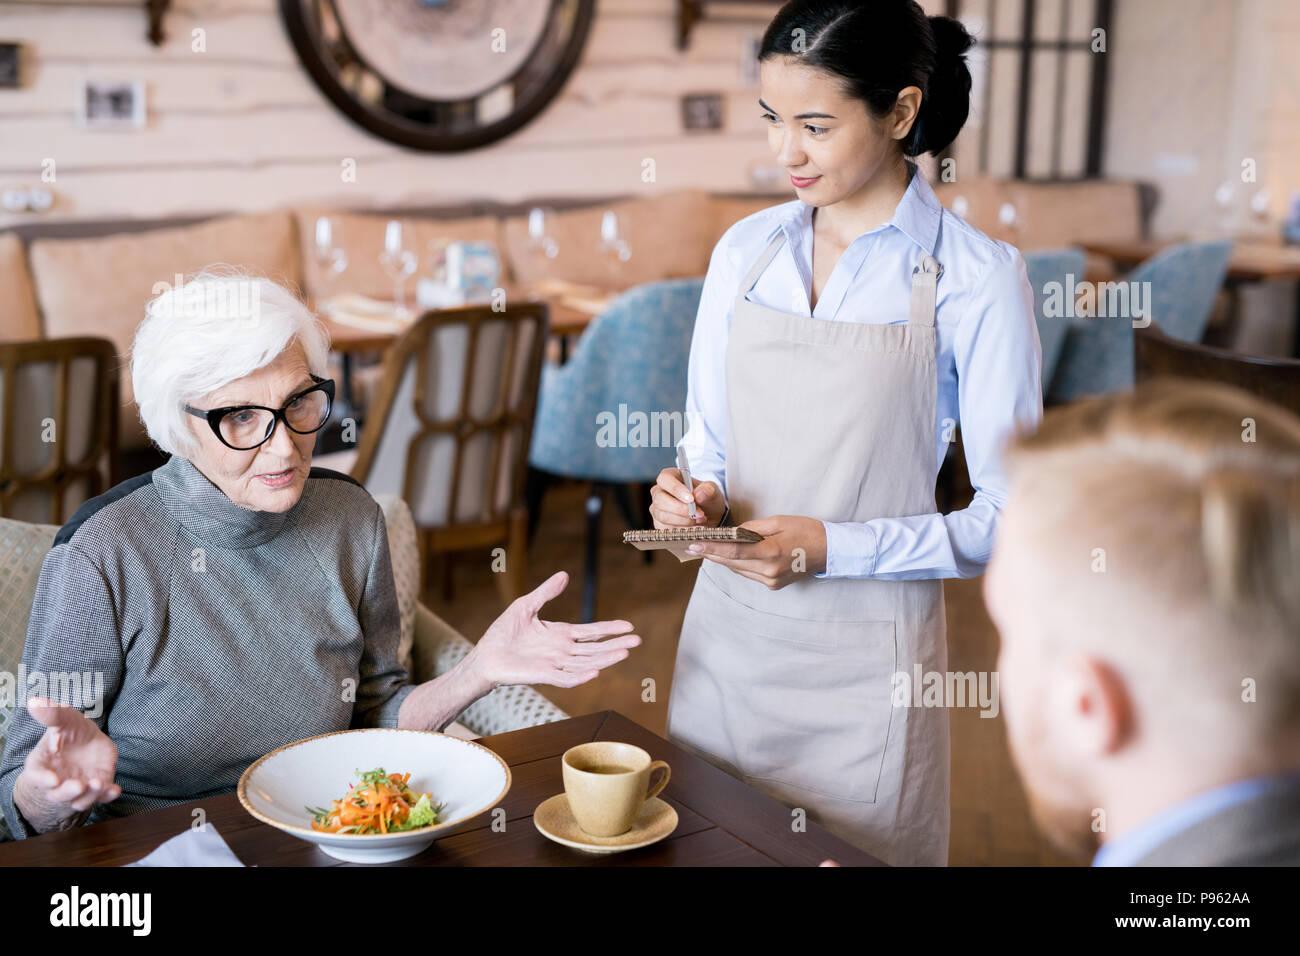 La cena familiar en el restaurante Imagen De Stock